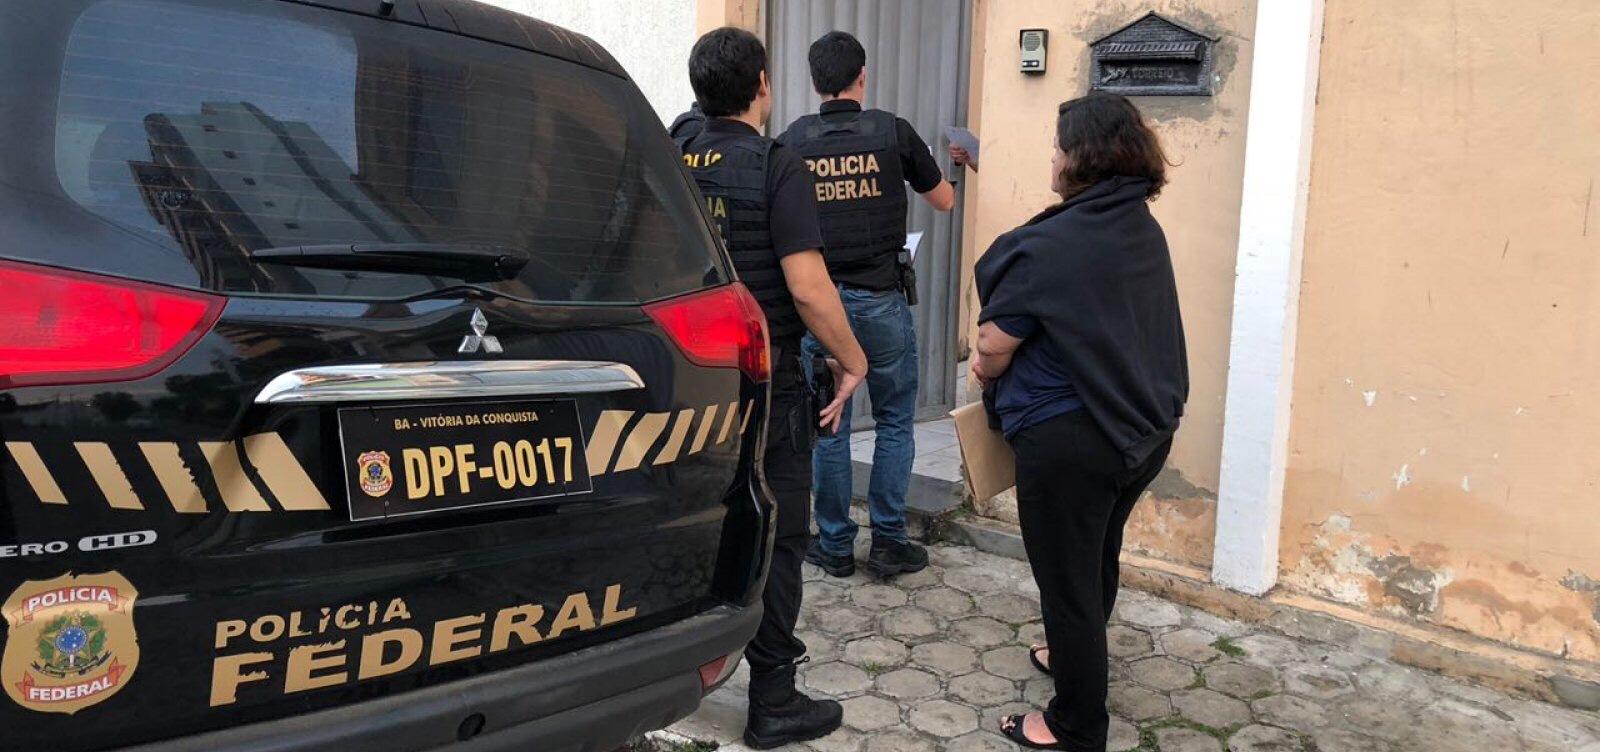 Polícia Federal deflagra operação Ciranda de Pedra no sudoeste baiano